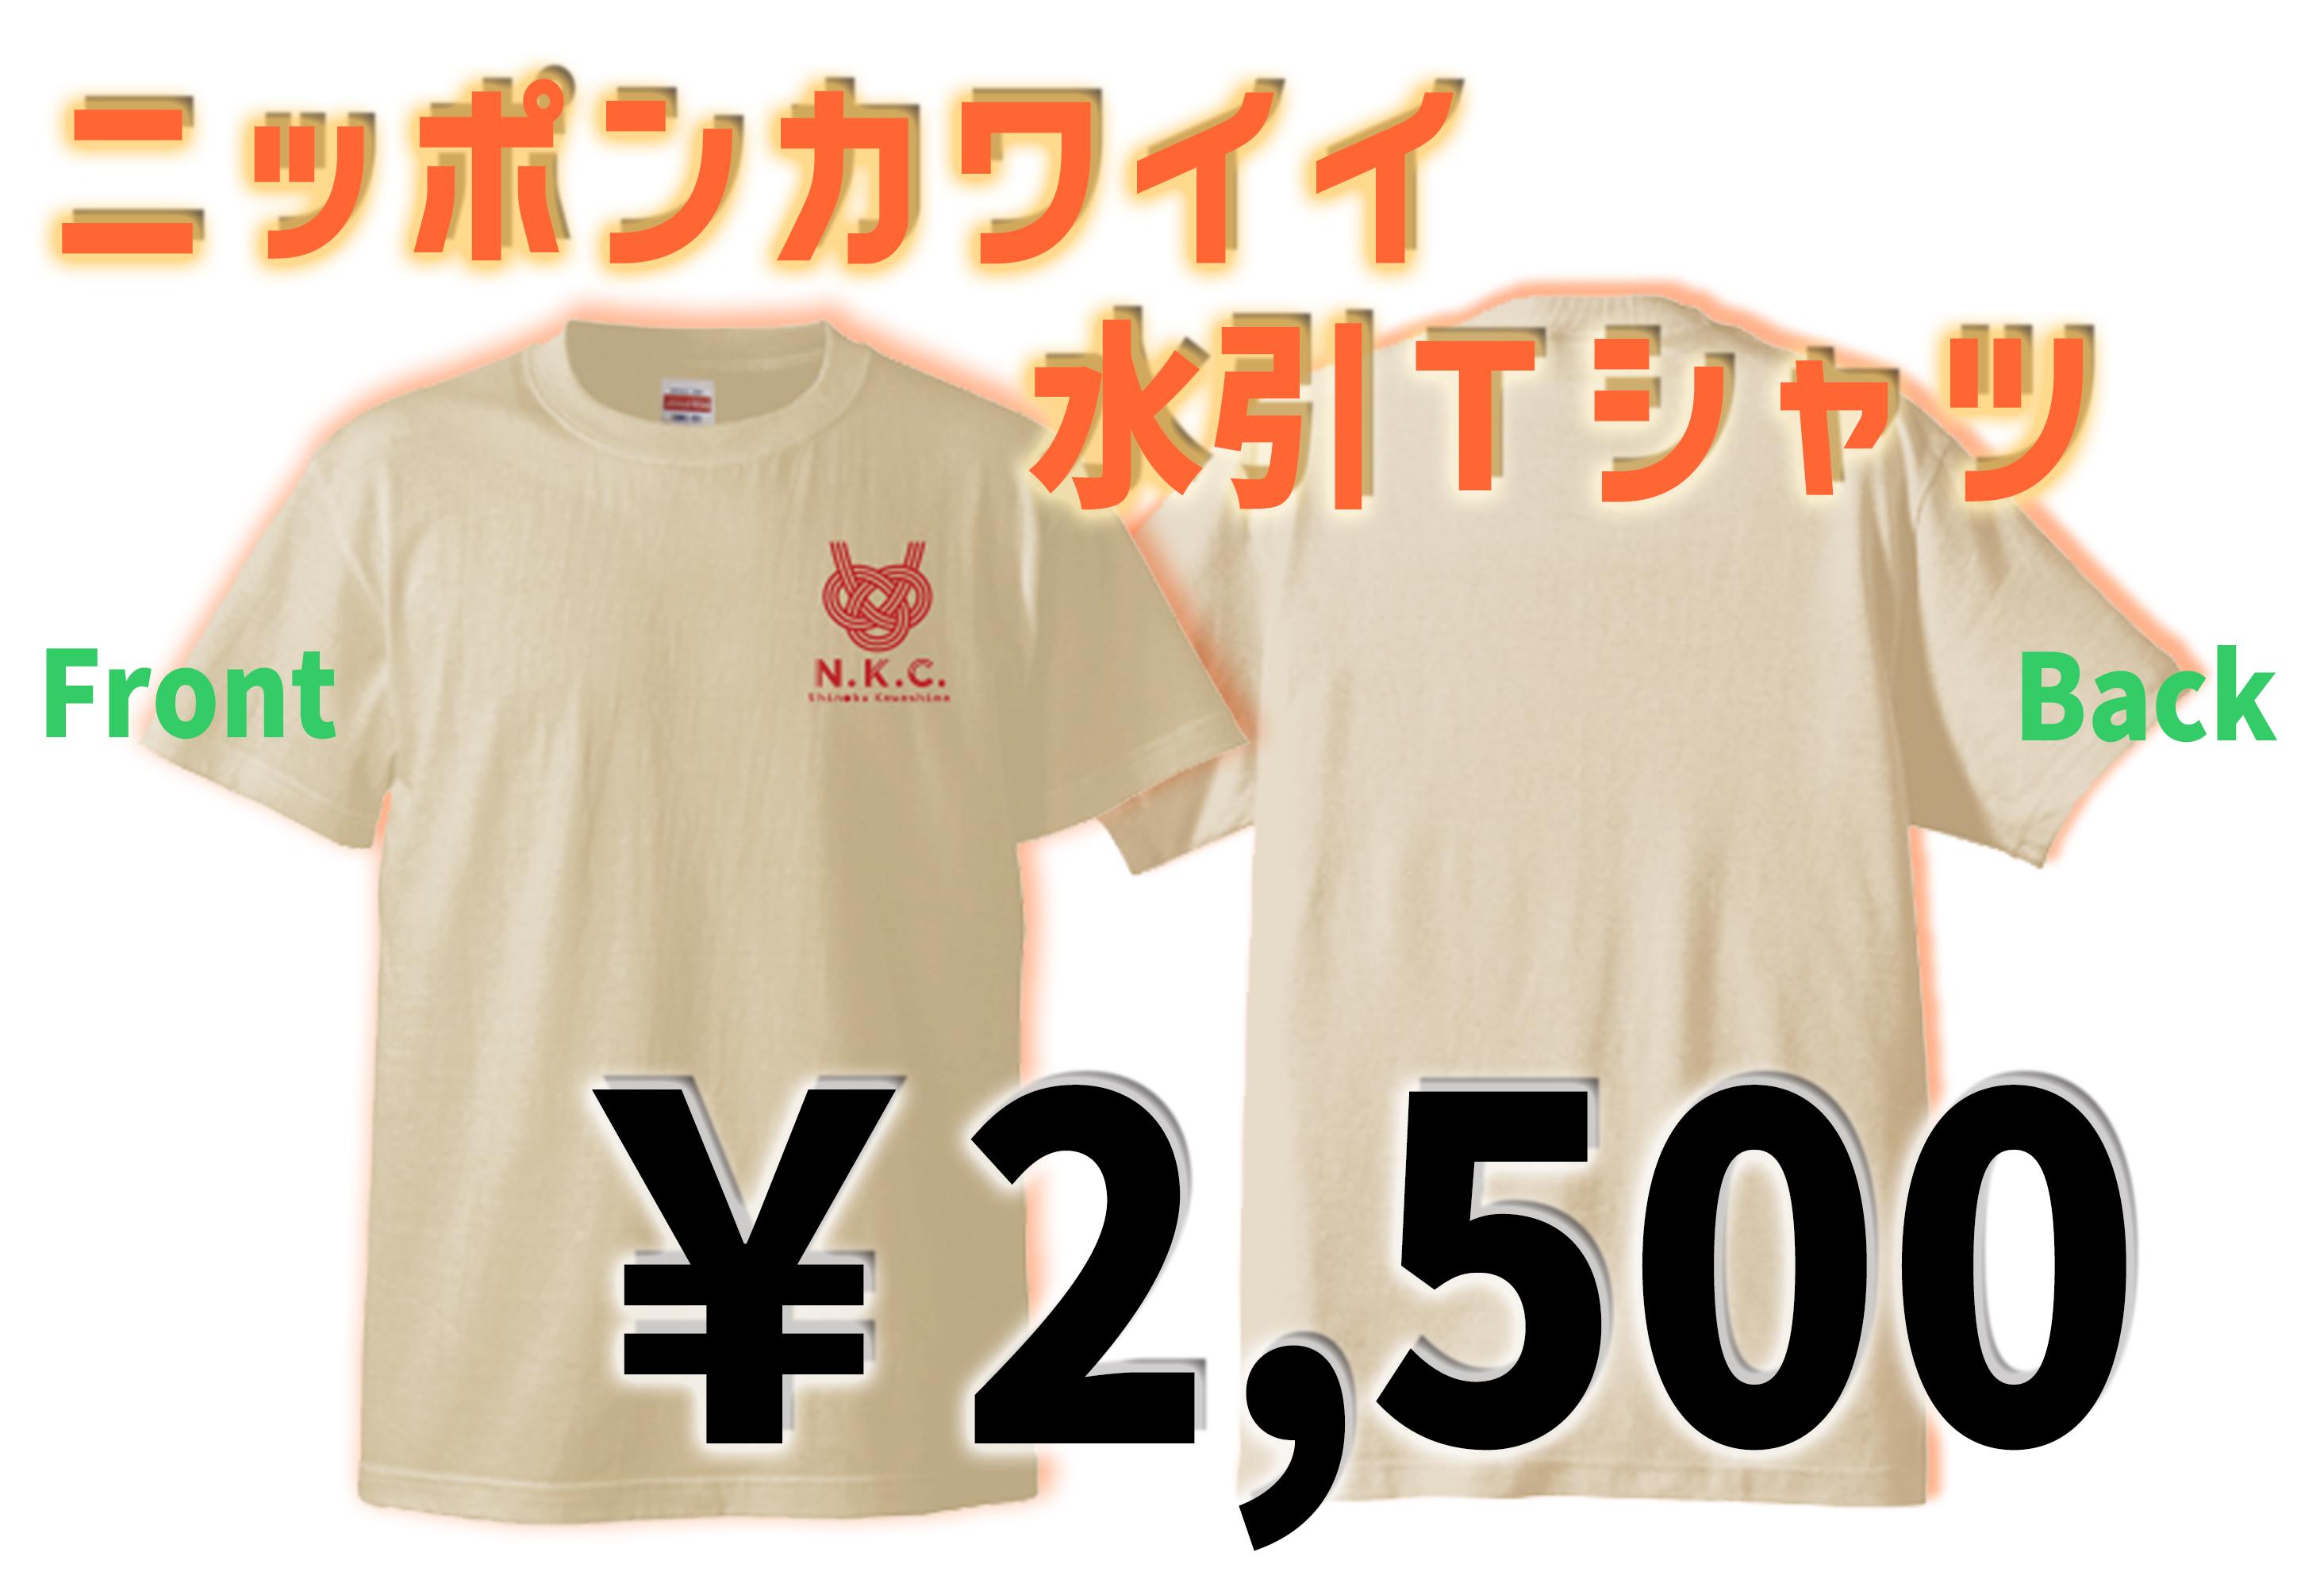 ニッポンカワイイ水引Tシャツ